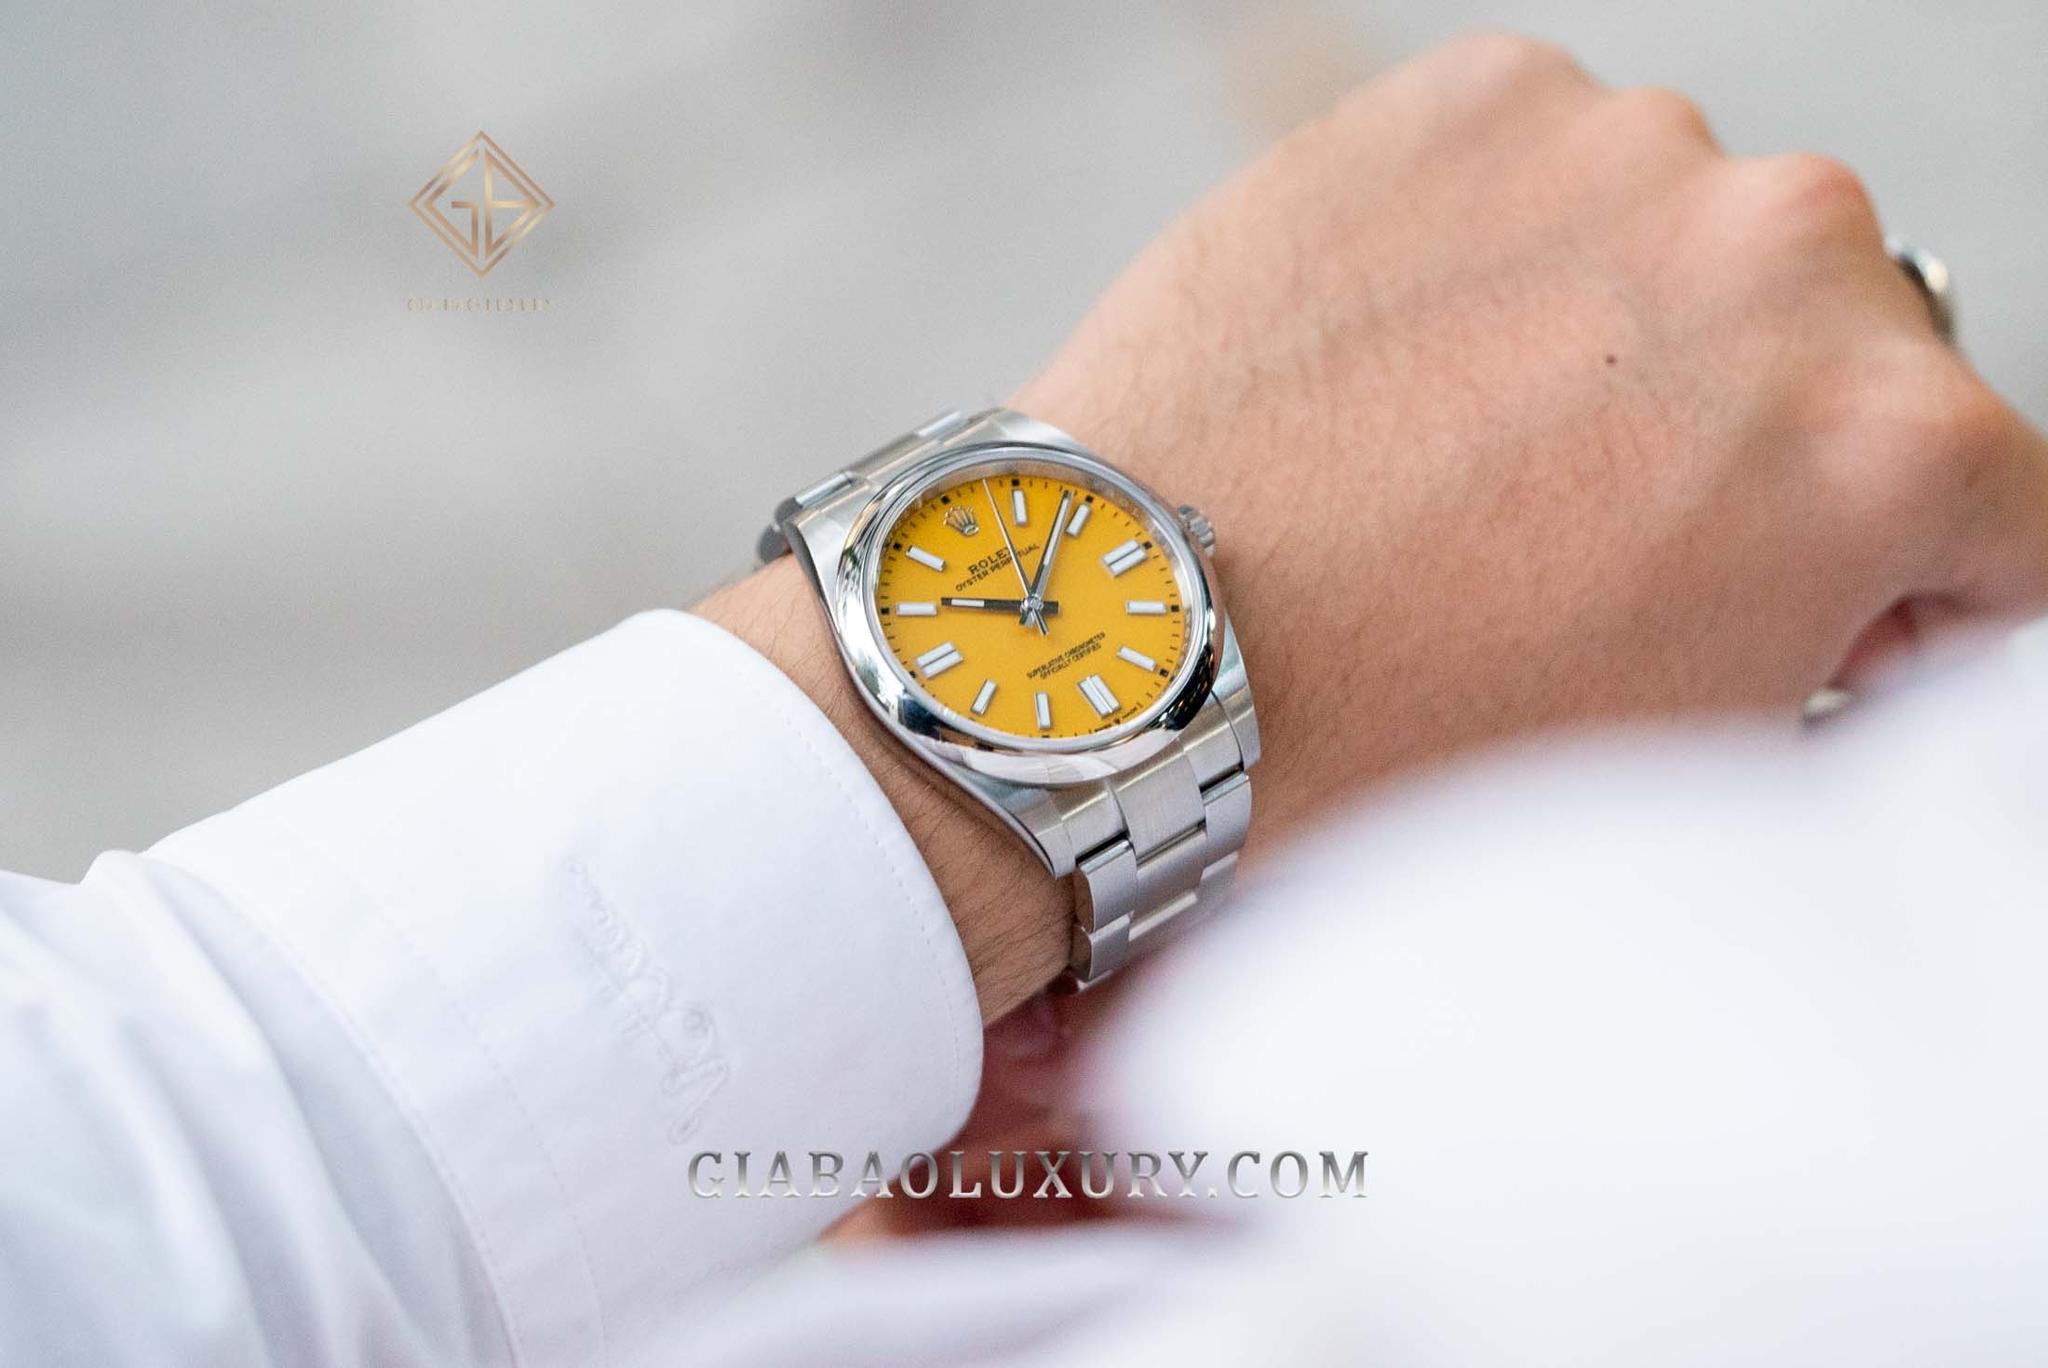 Đâu là đồng hồ Rolex Oyster Perpetual 2020 phù hợp nhất dành cho bạn?